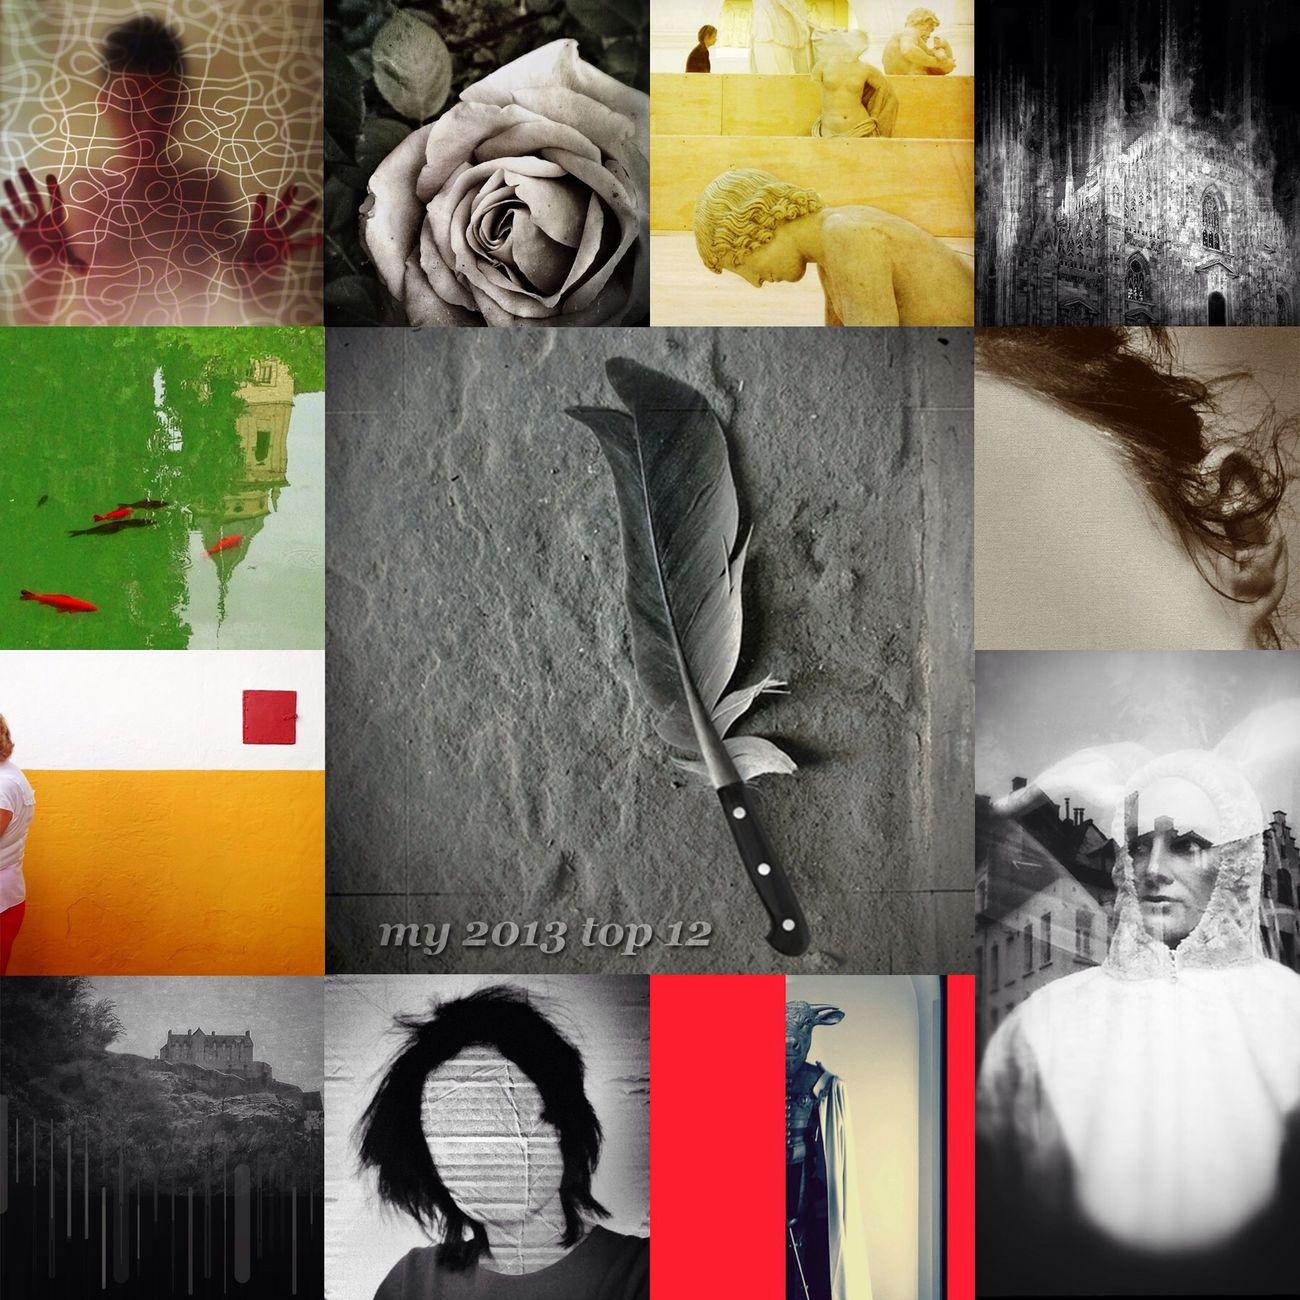 My top 12 EyeEm posts for 2013… My Own Twelve Favorite Photos Of 2013